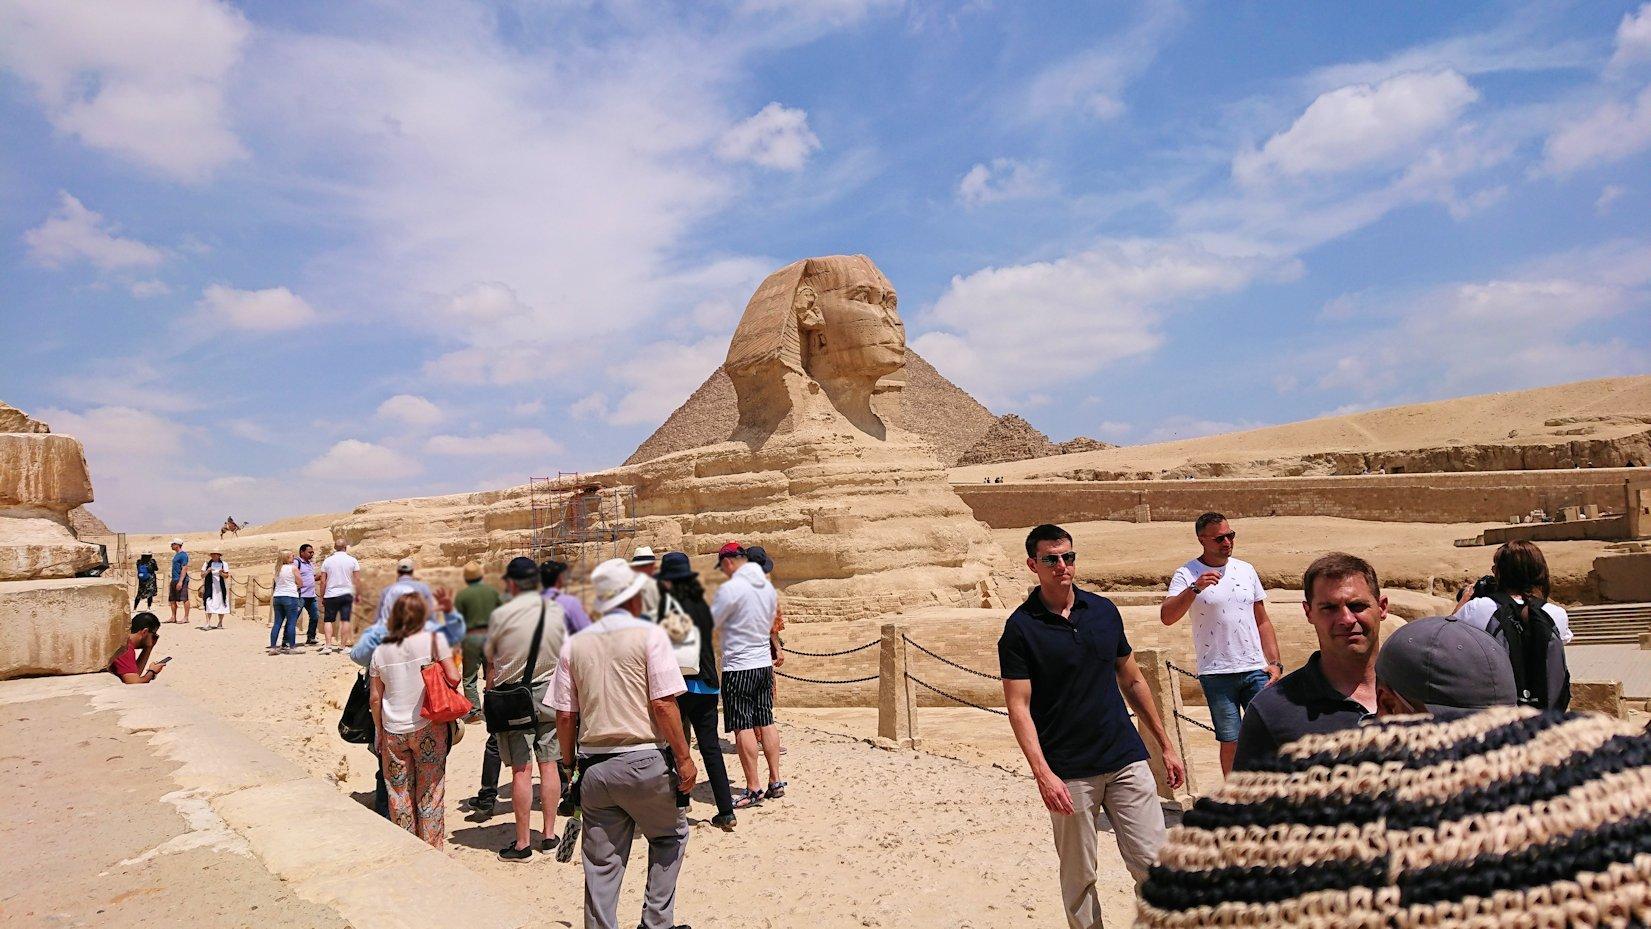 エジプト旅行 ブログ 口コミ カイロ スフィンクス